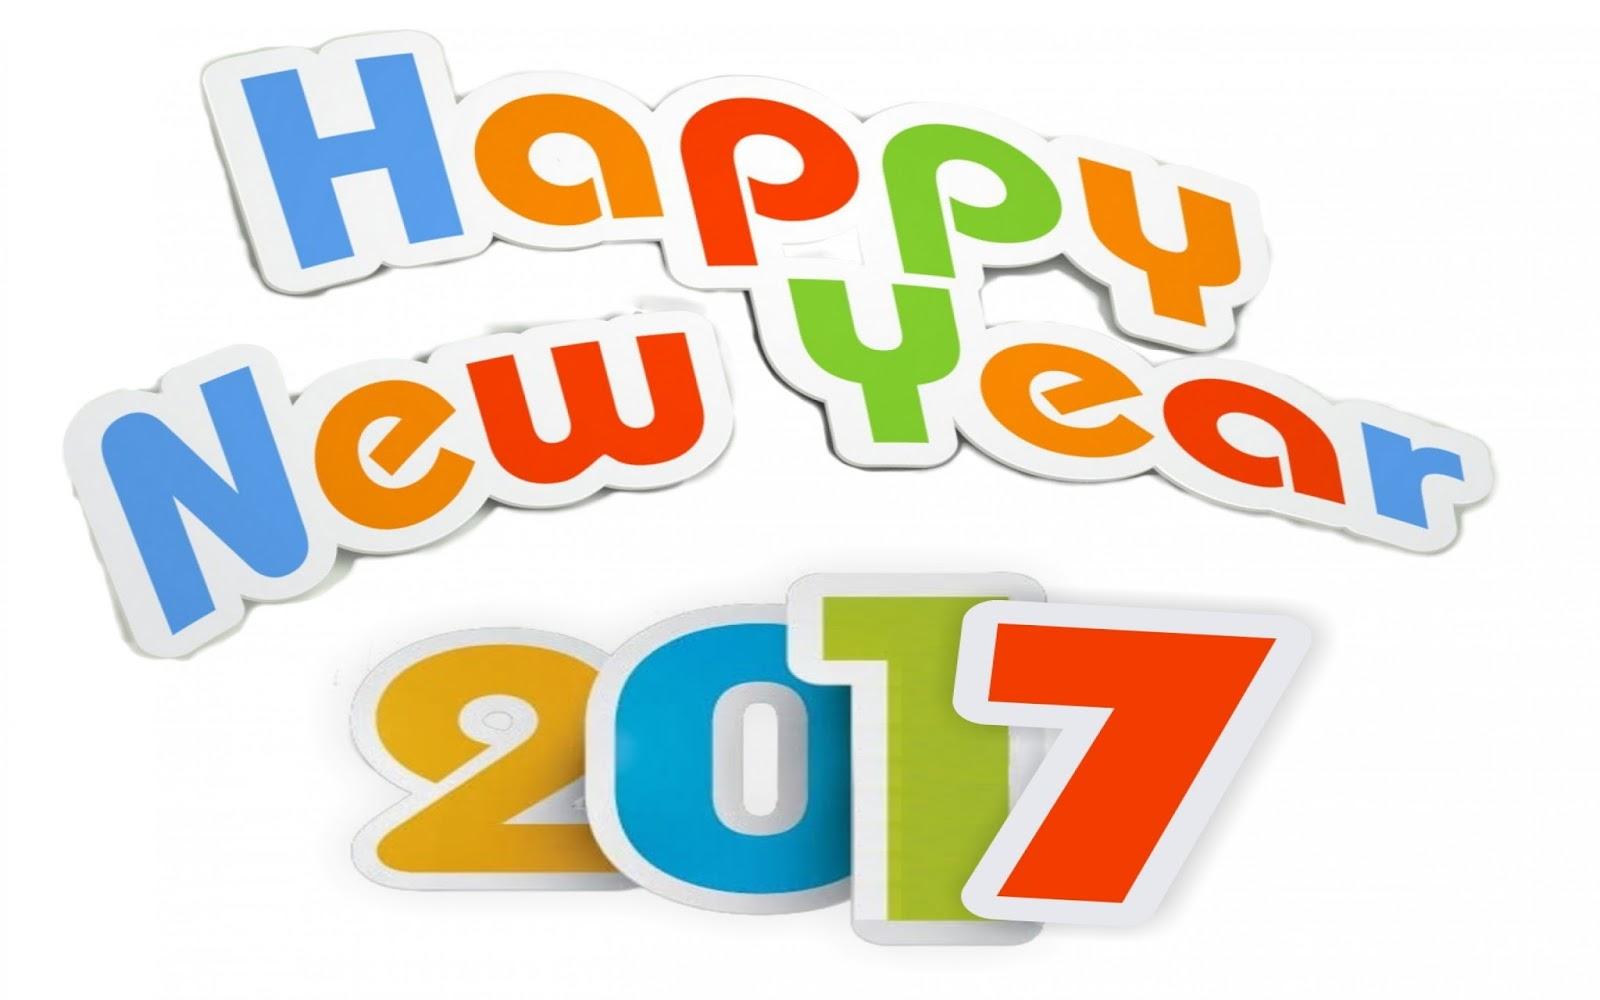 صور للعام الجديد 2017 , اروع رمزيات راس السنة الميلادية , photos new years 2017 new_1479739242_637.j